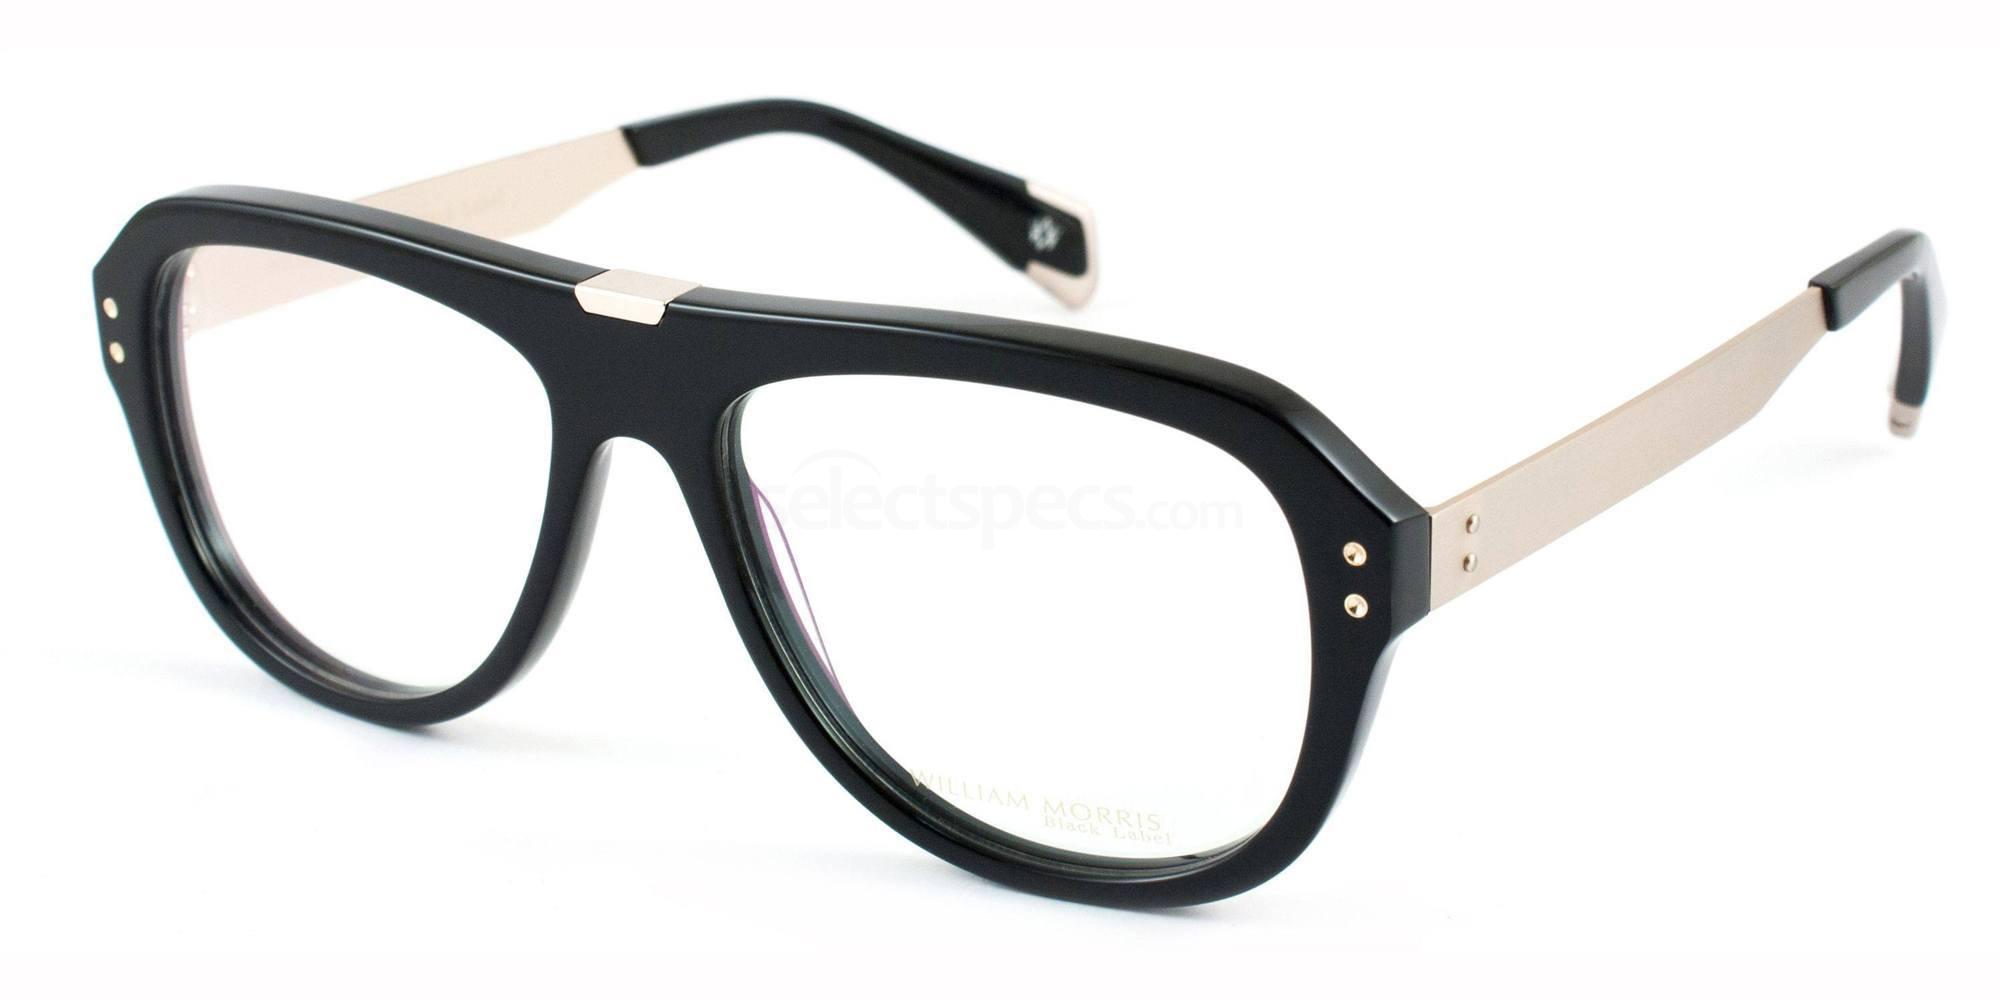 C3 BL105M Glasses, William Morris Black Label